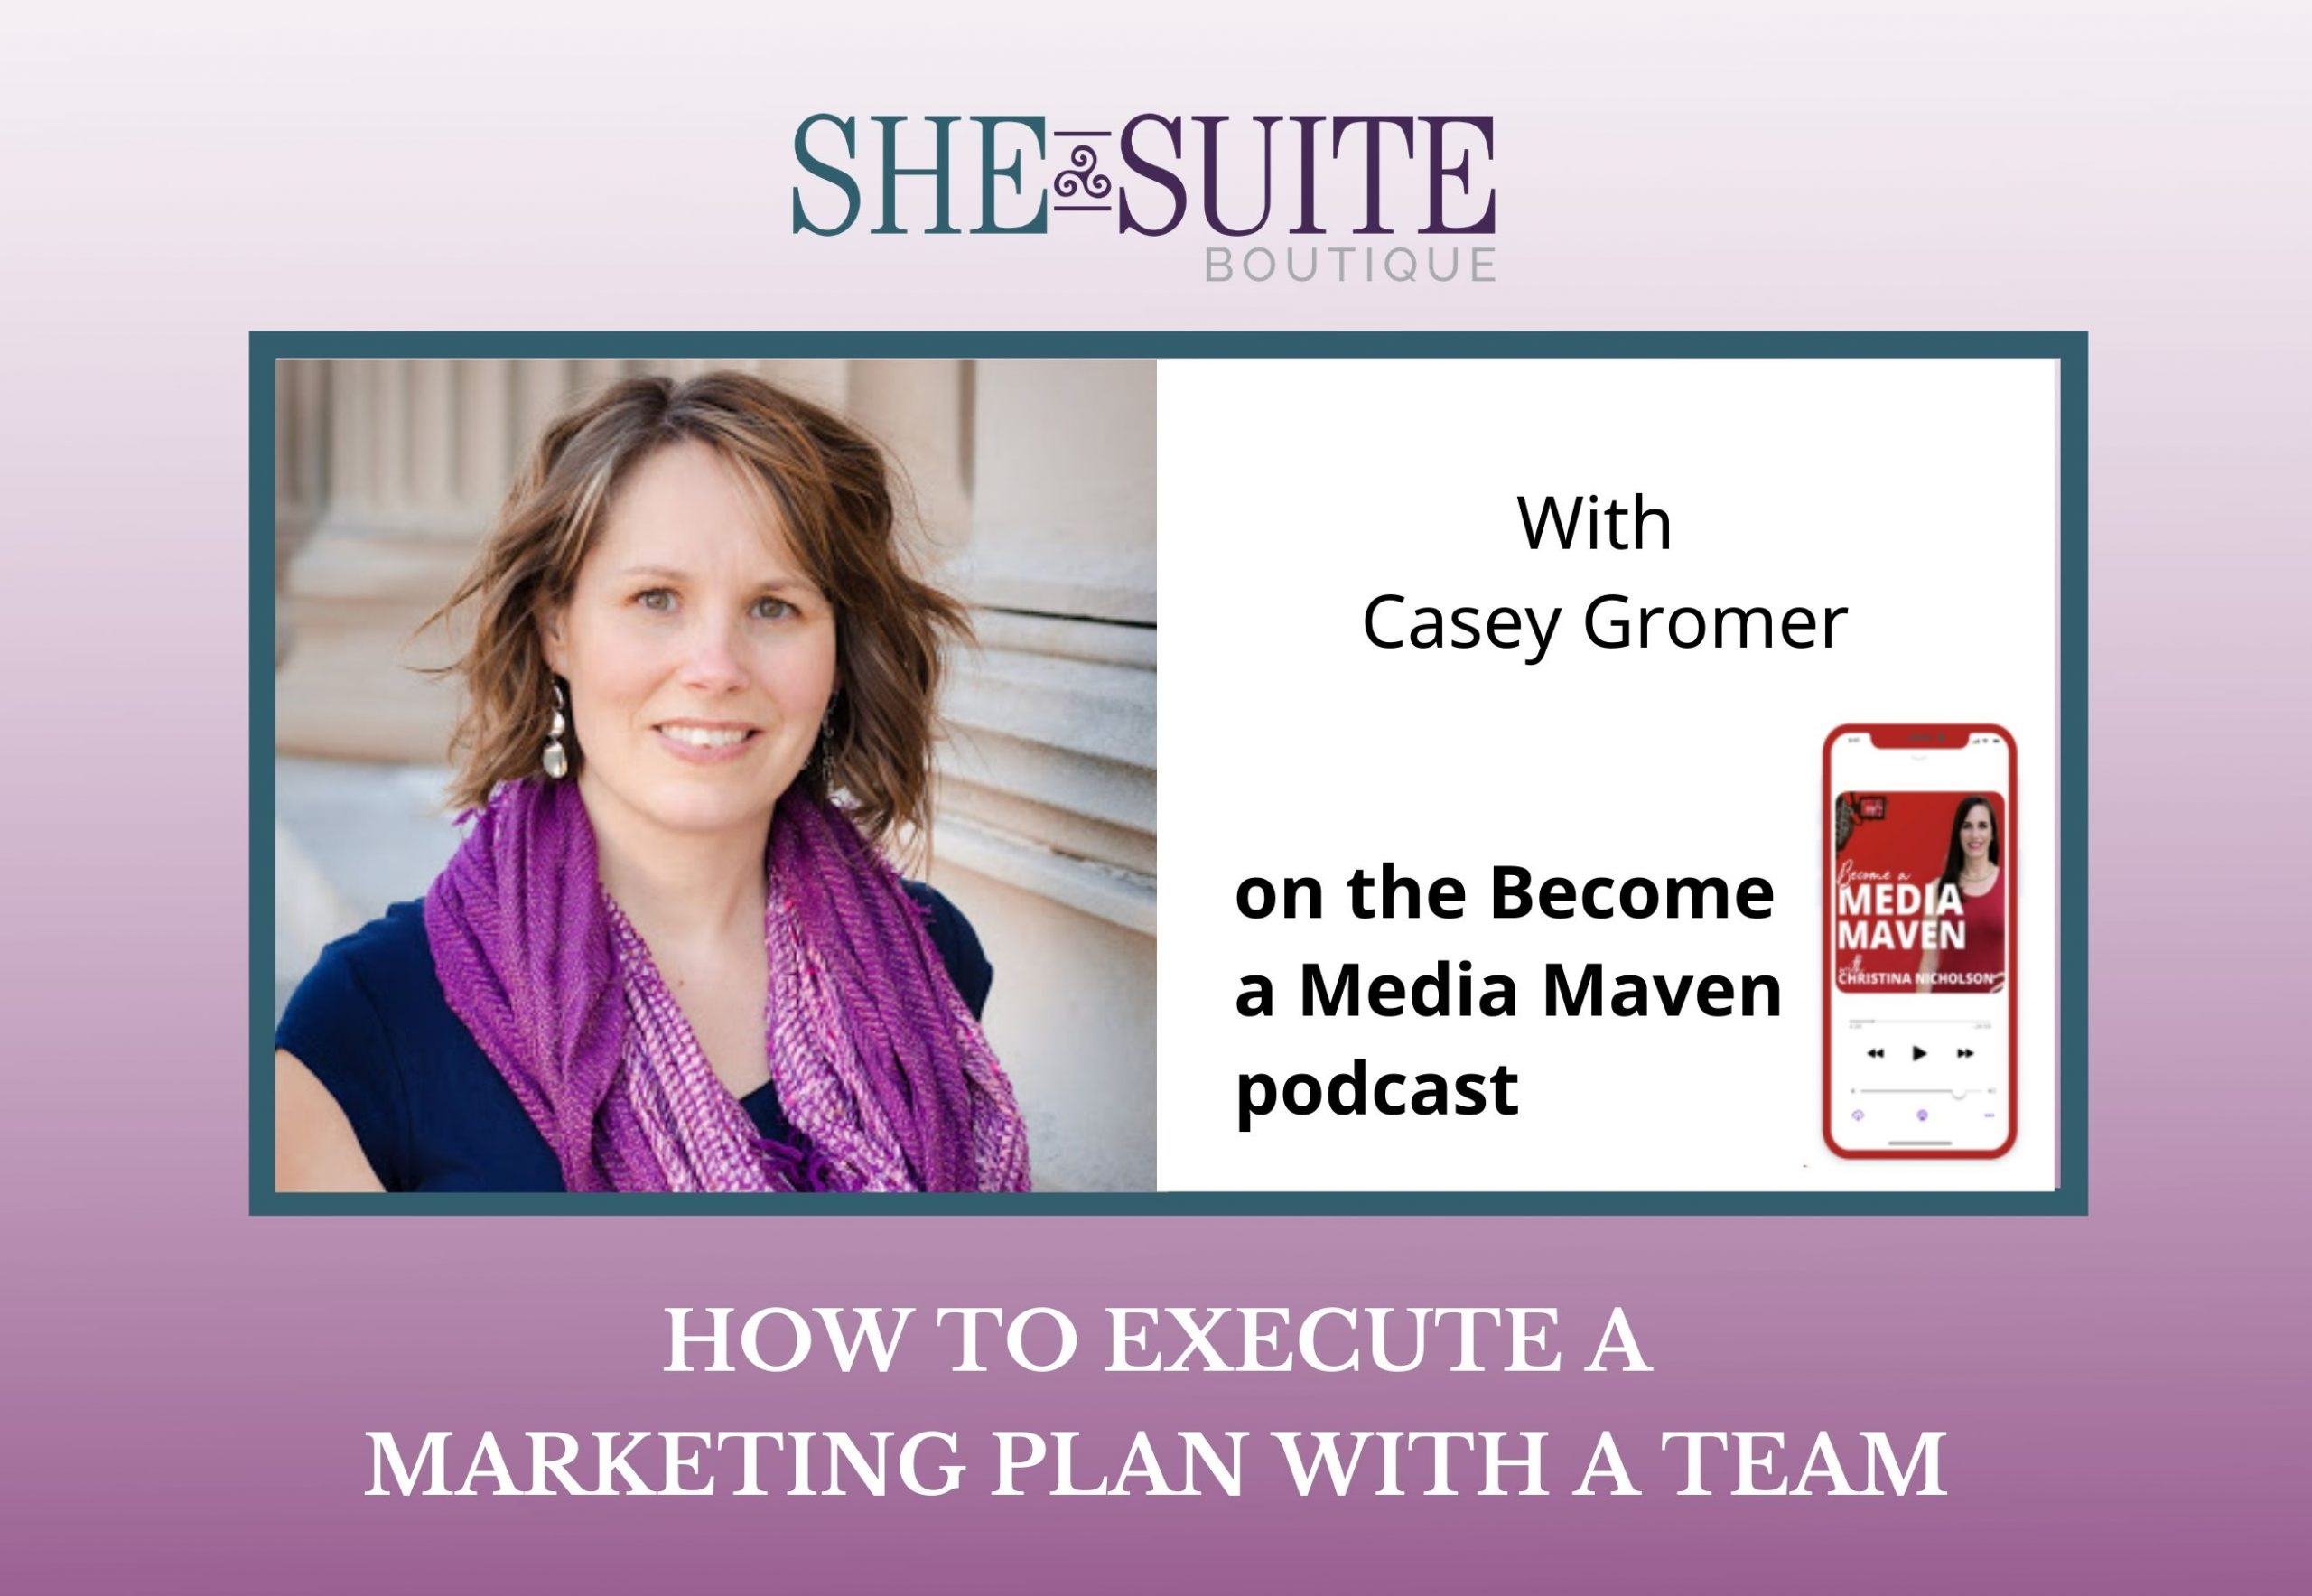 execute a marketing plan